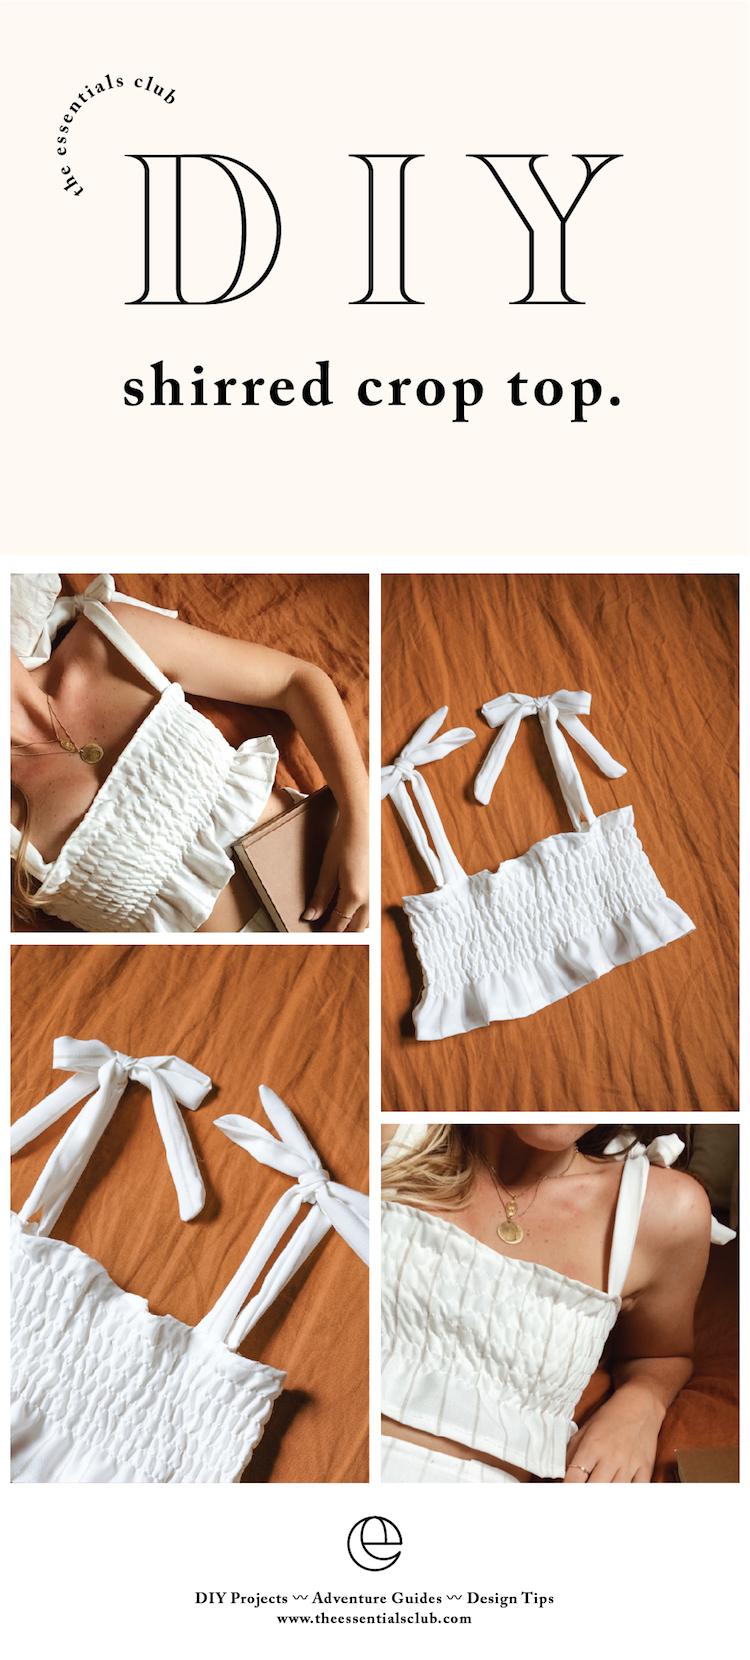 DIY: Shirred Crop Top with Tie Straps #diyclothes